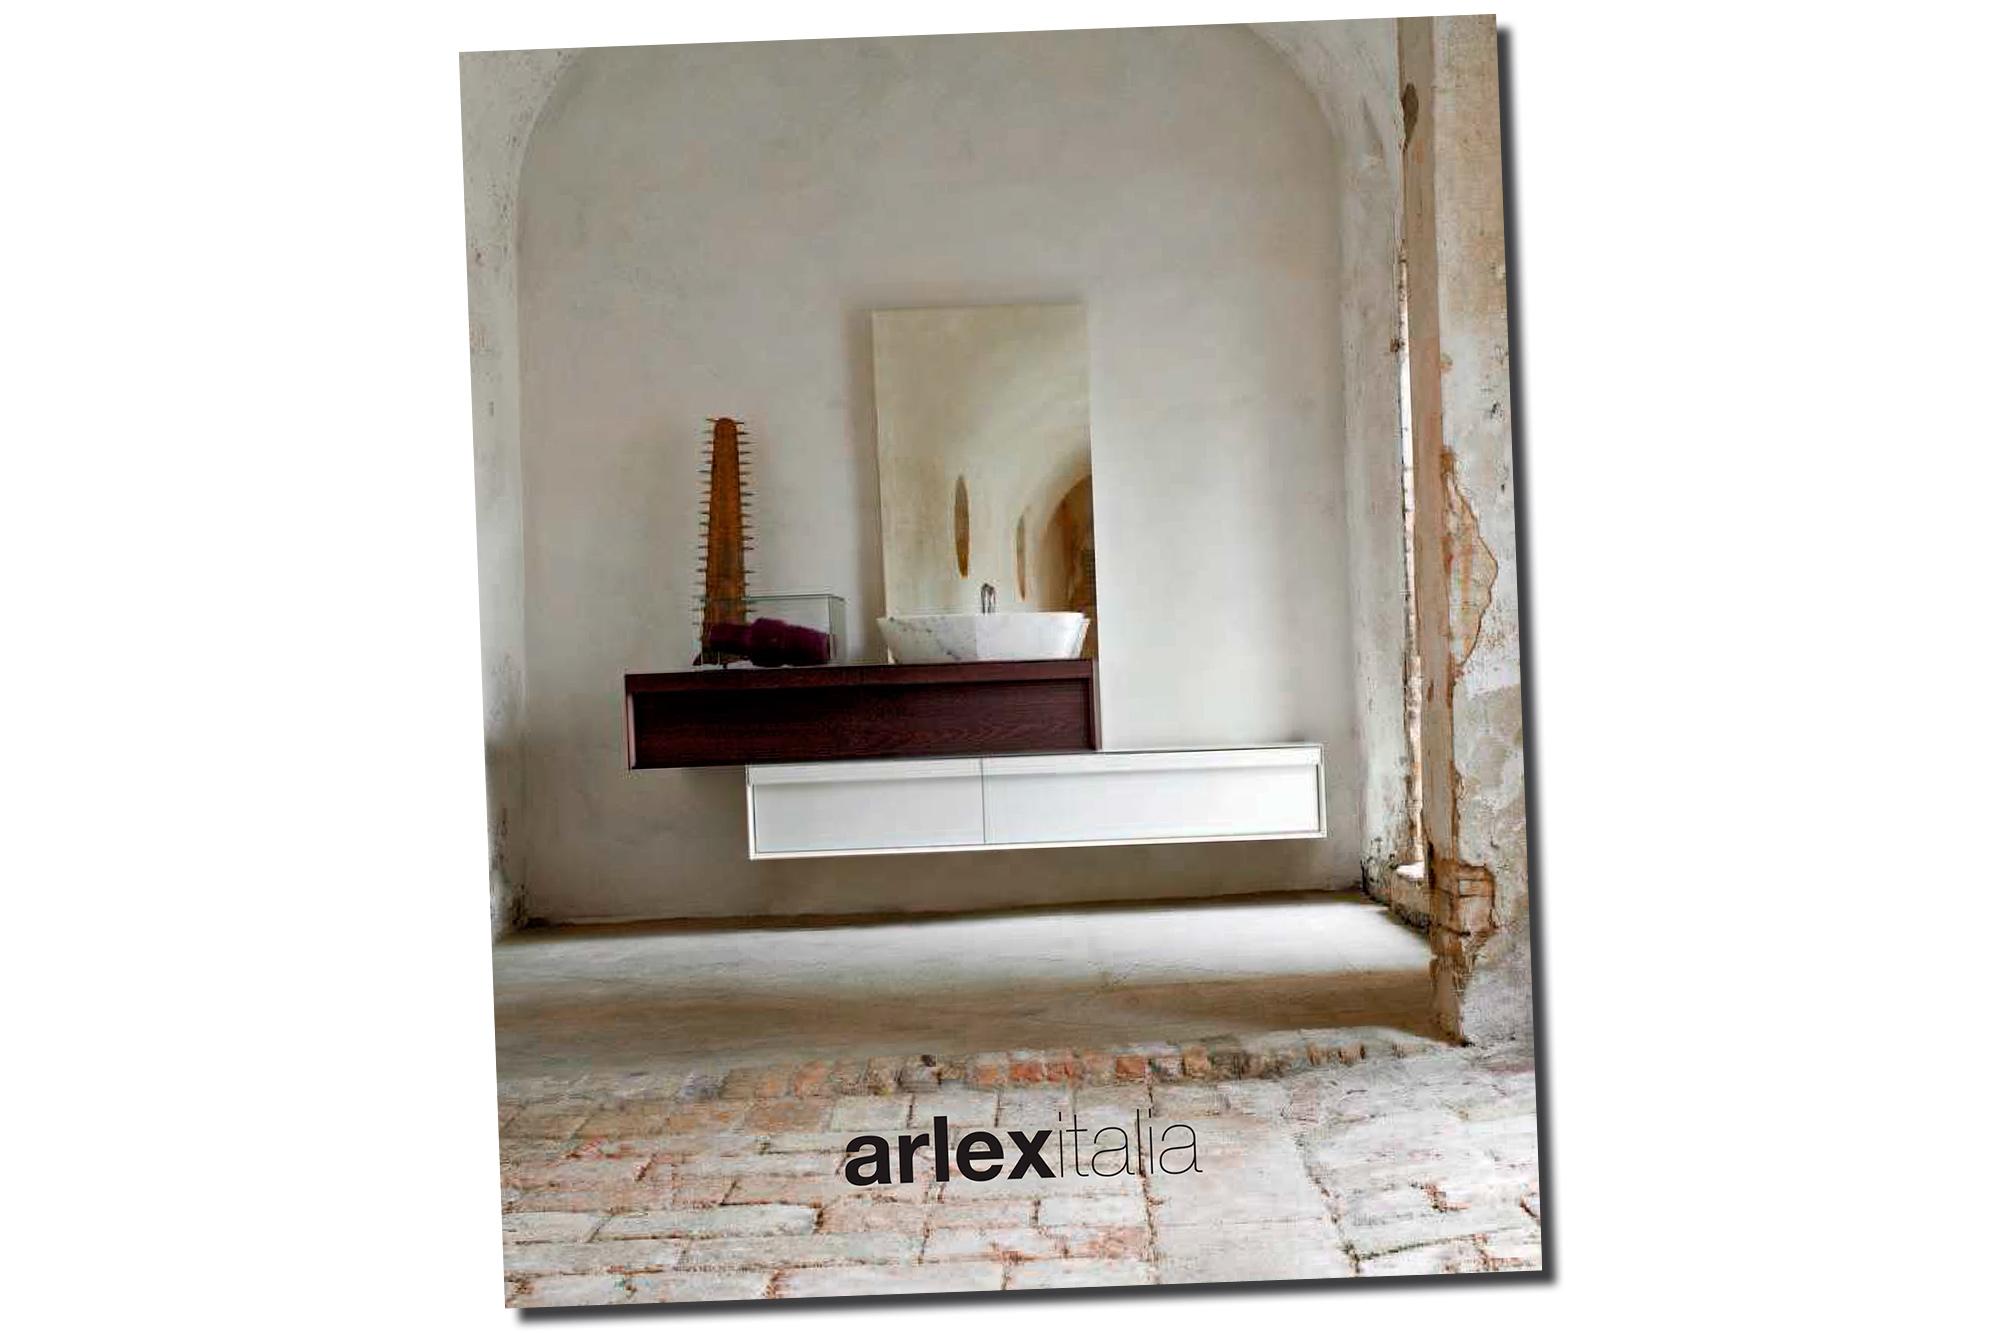 ArlexItalia Fornitures Catalogue 2018